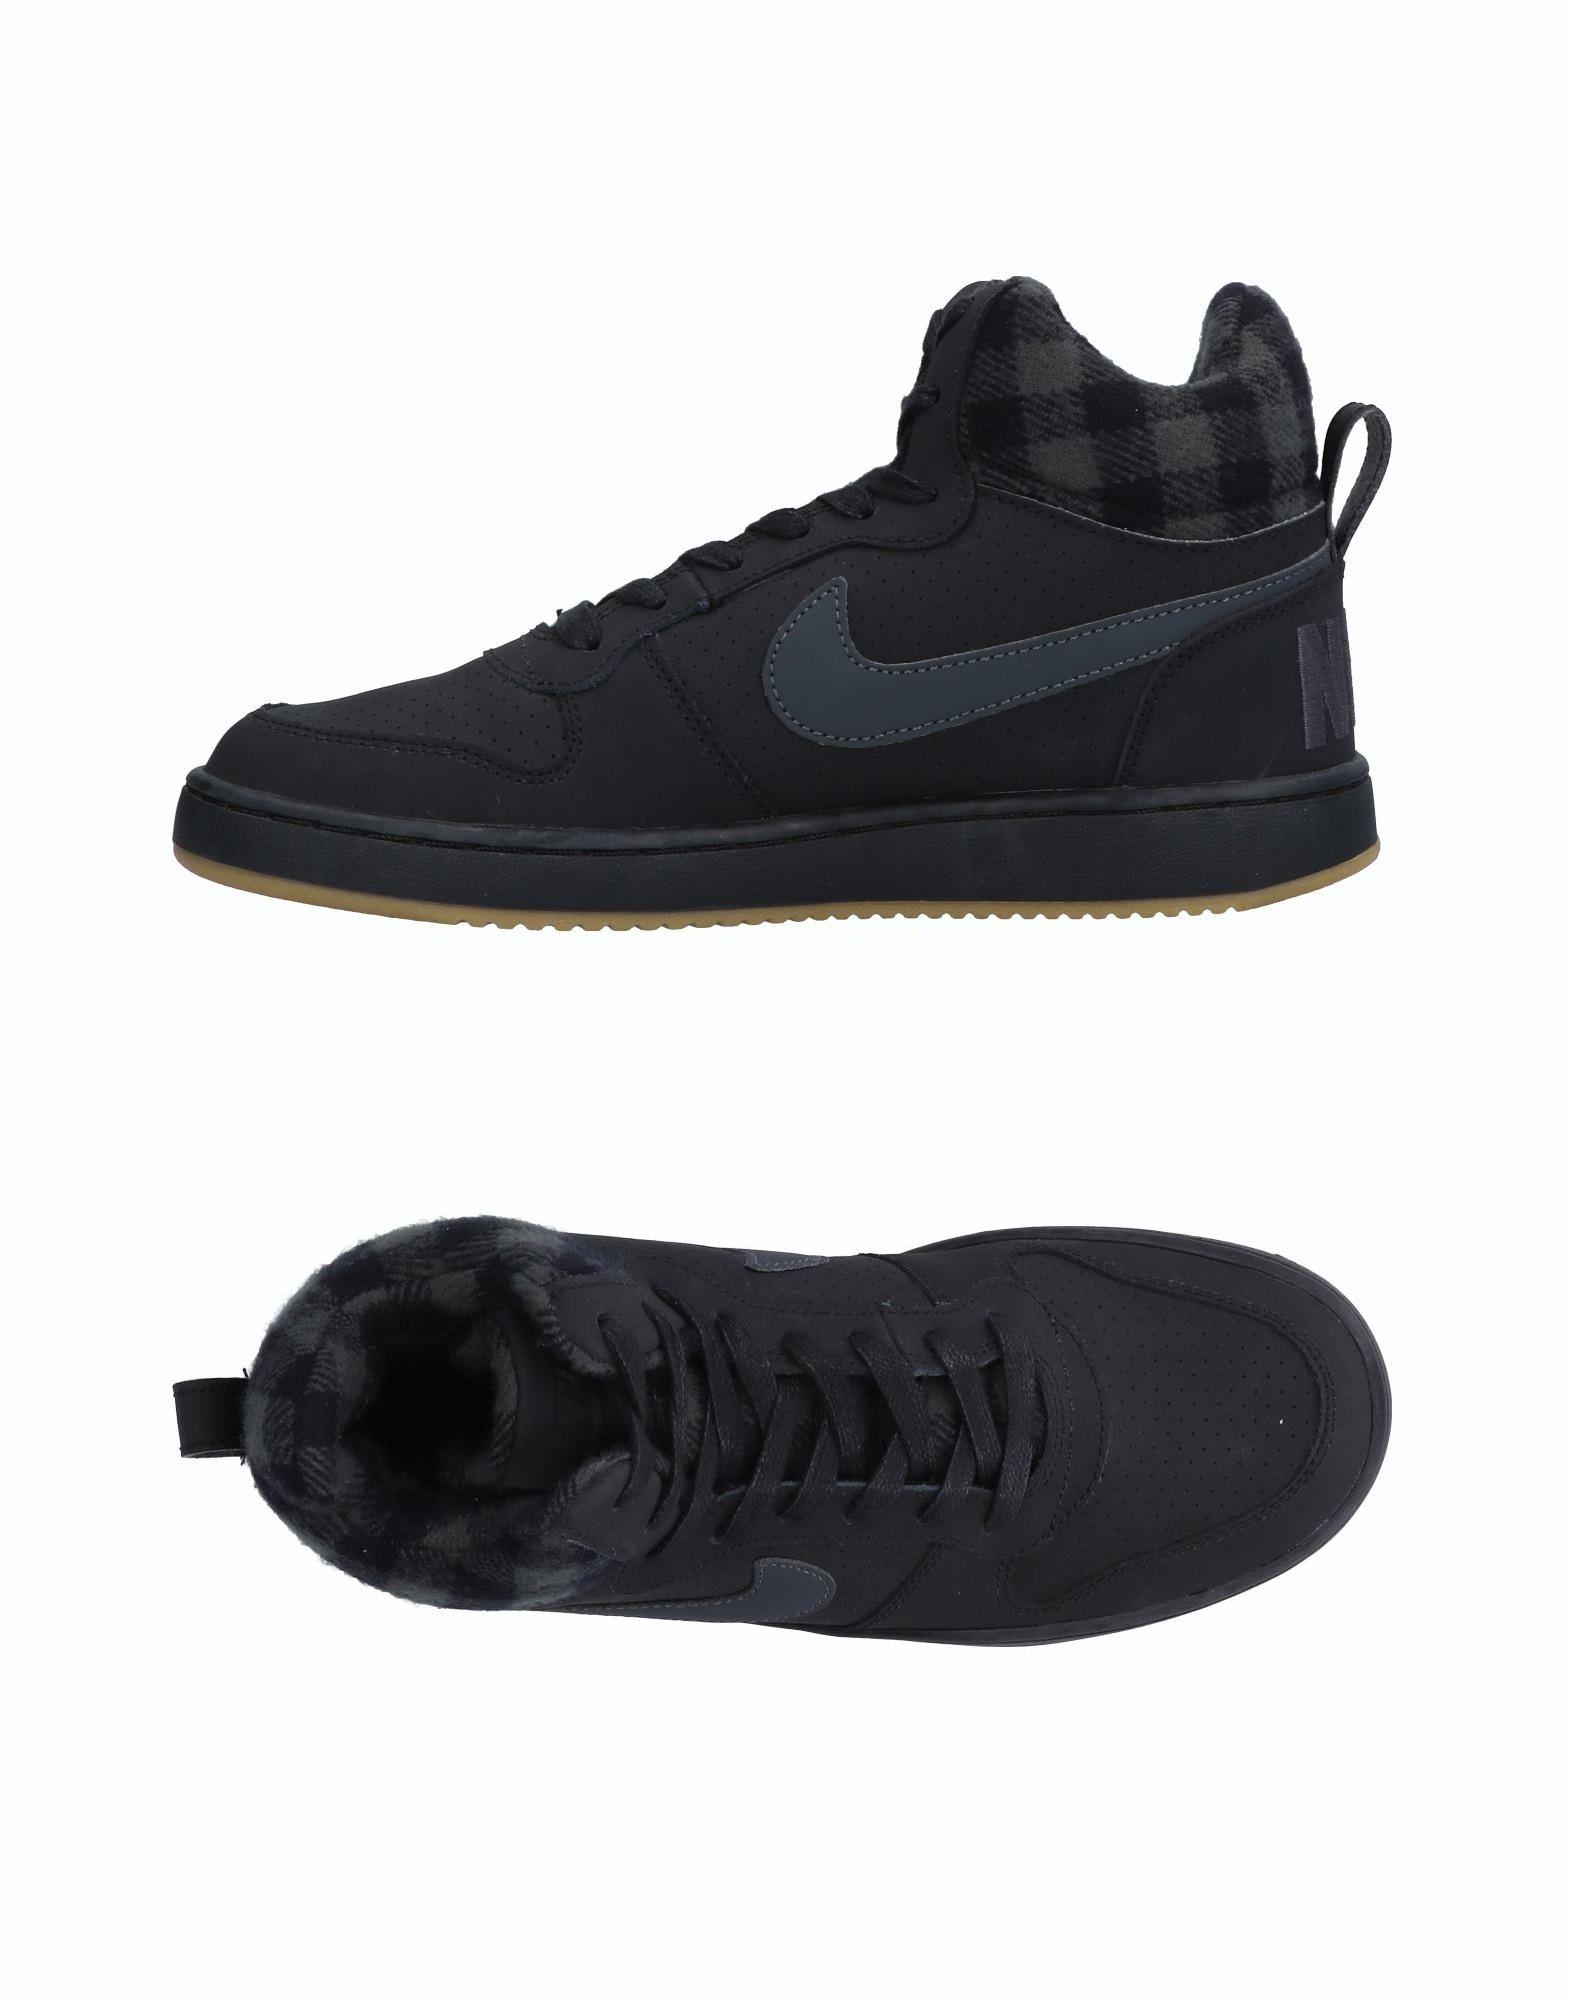 Sneakers Nike Donna - 11506175RN Scarpe economiche e buone